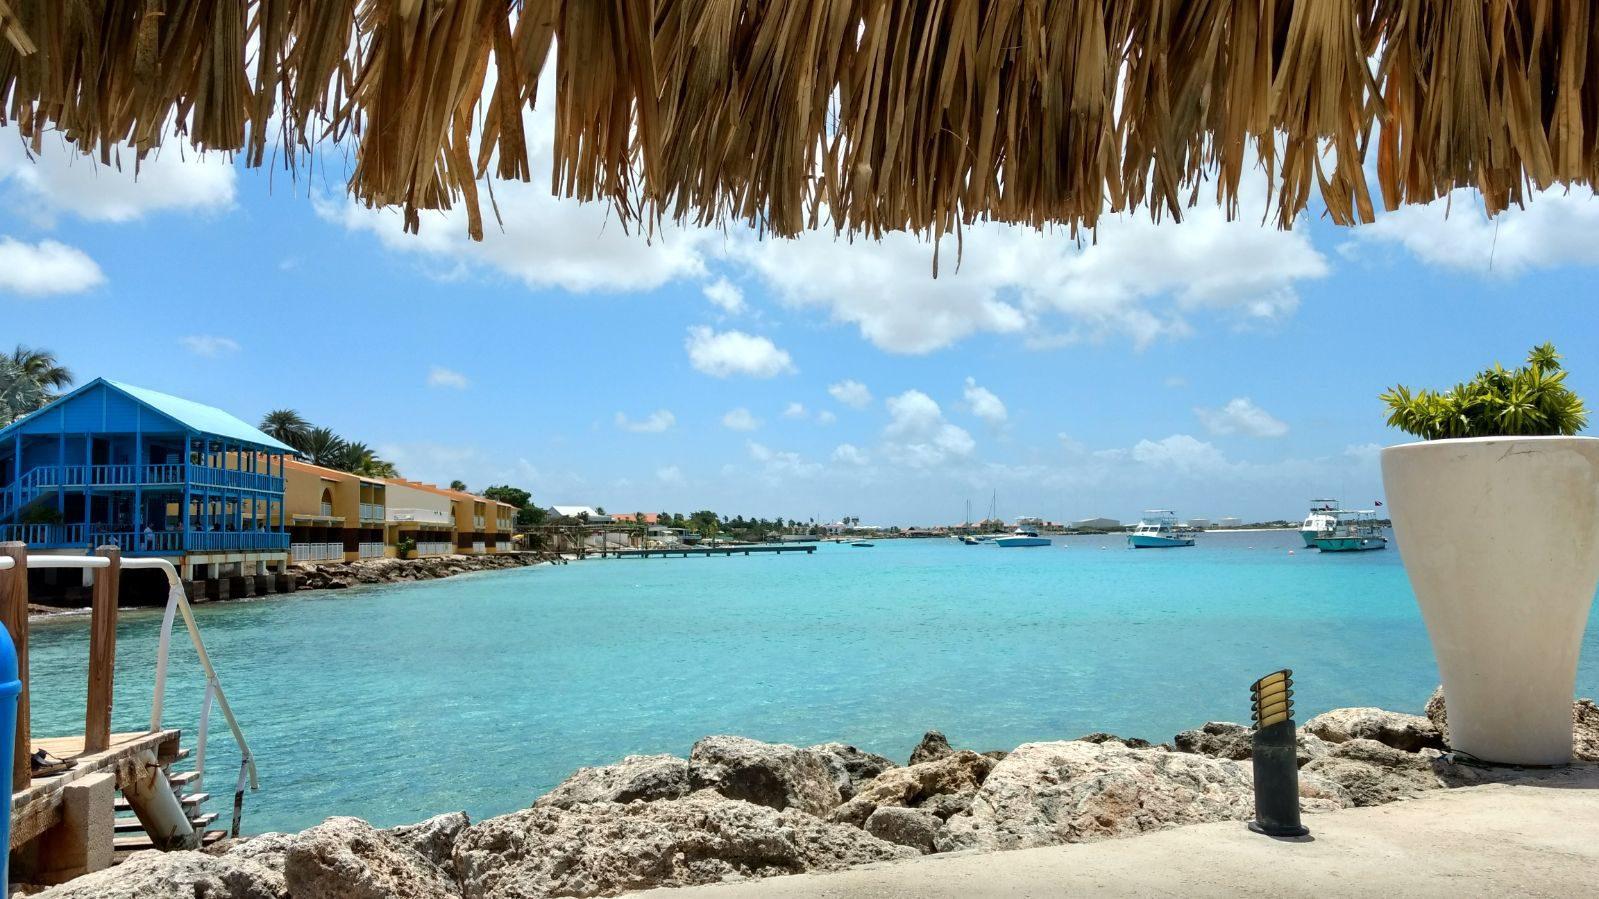 Vliegen naar Bonaire? Lees alles wat u moet weten over onder andere het tijdsverschil.